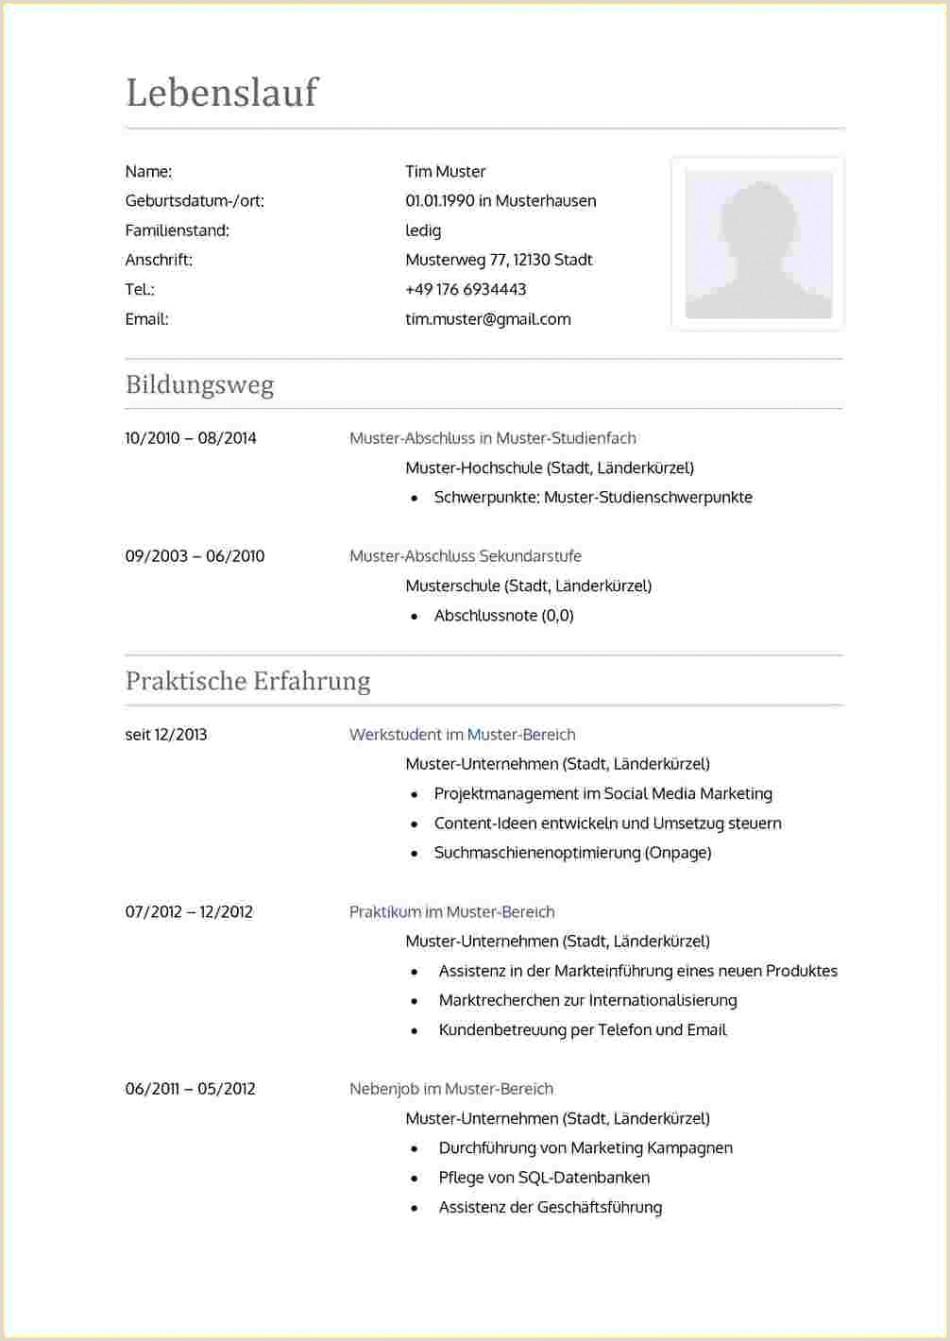 Lebenslauf Muster Einbürgerungsantrag Galerie Von Lebenslauf Muster 2017 C Angelinna De Lebensla